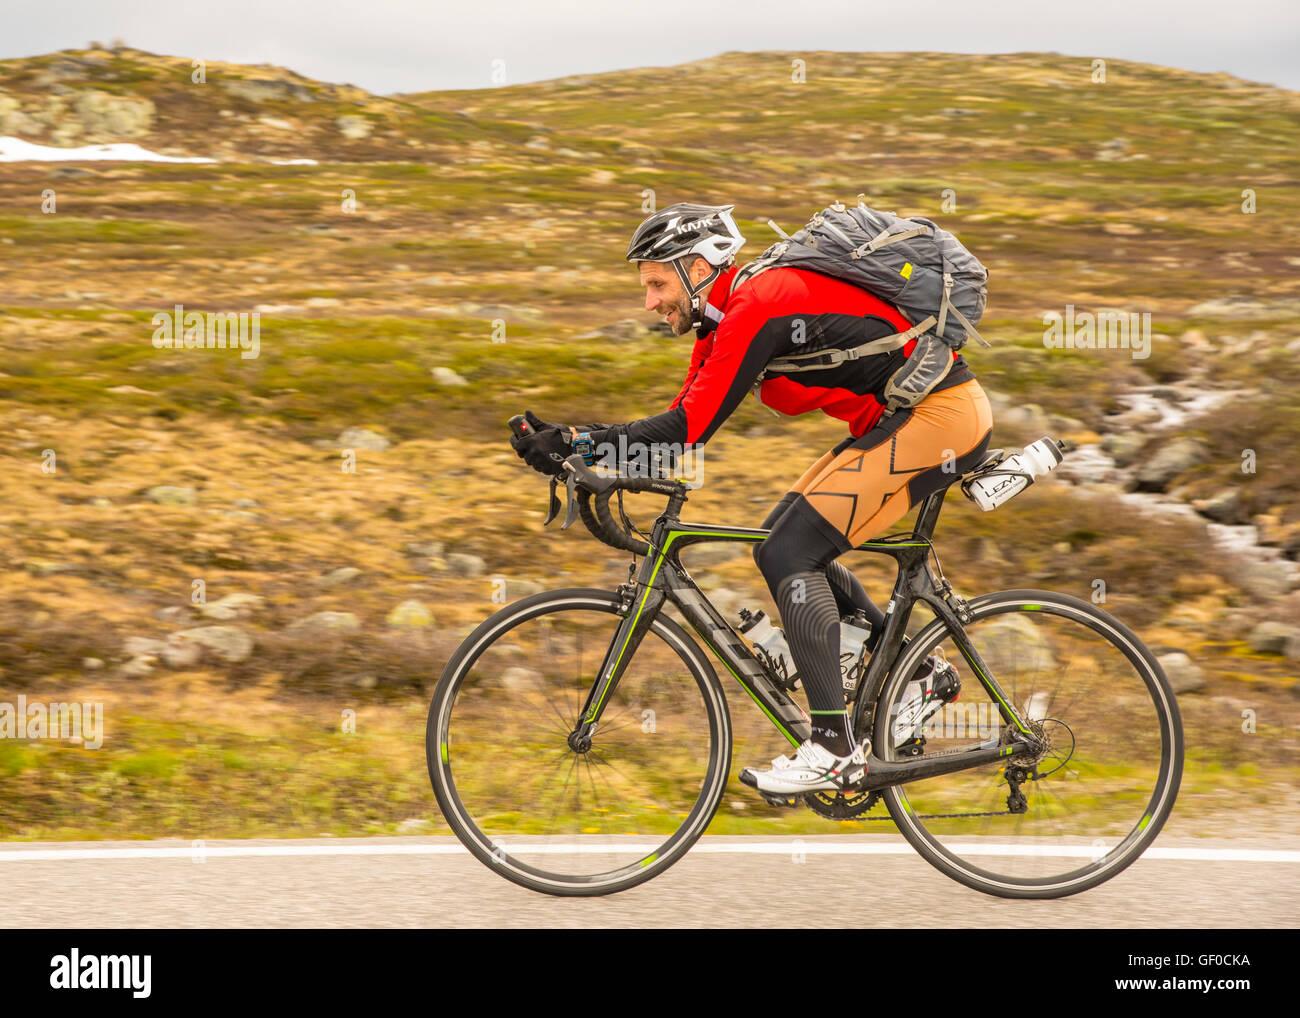 Strada ciclista pedala, route 7 Parco Nazionale di Hardangervidda accanto al lago Orteren, Norvegia Hordaland, Scandinavia, Immagini Stock